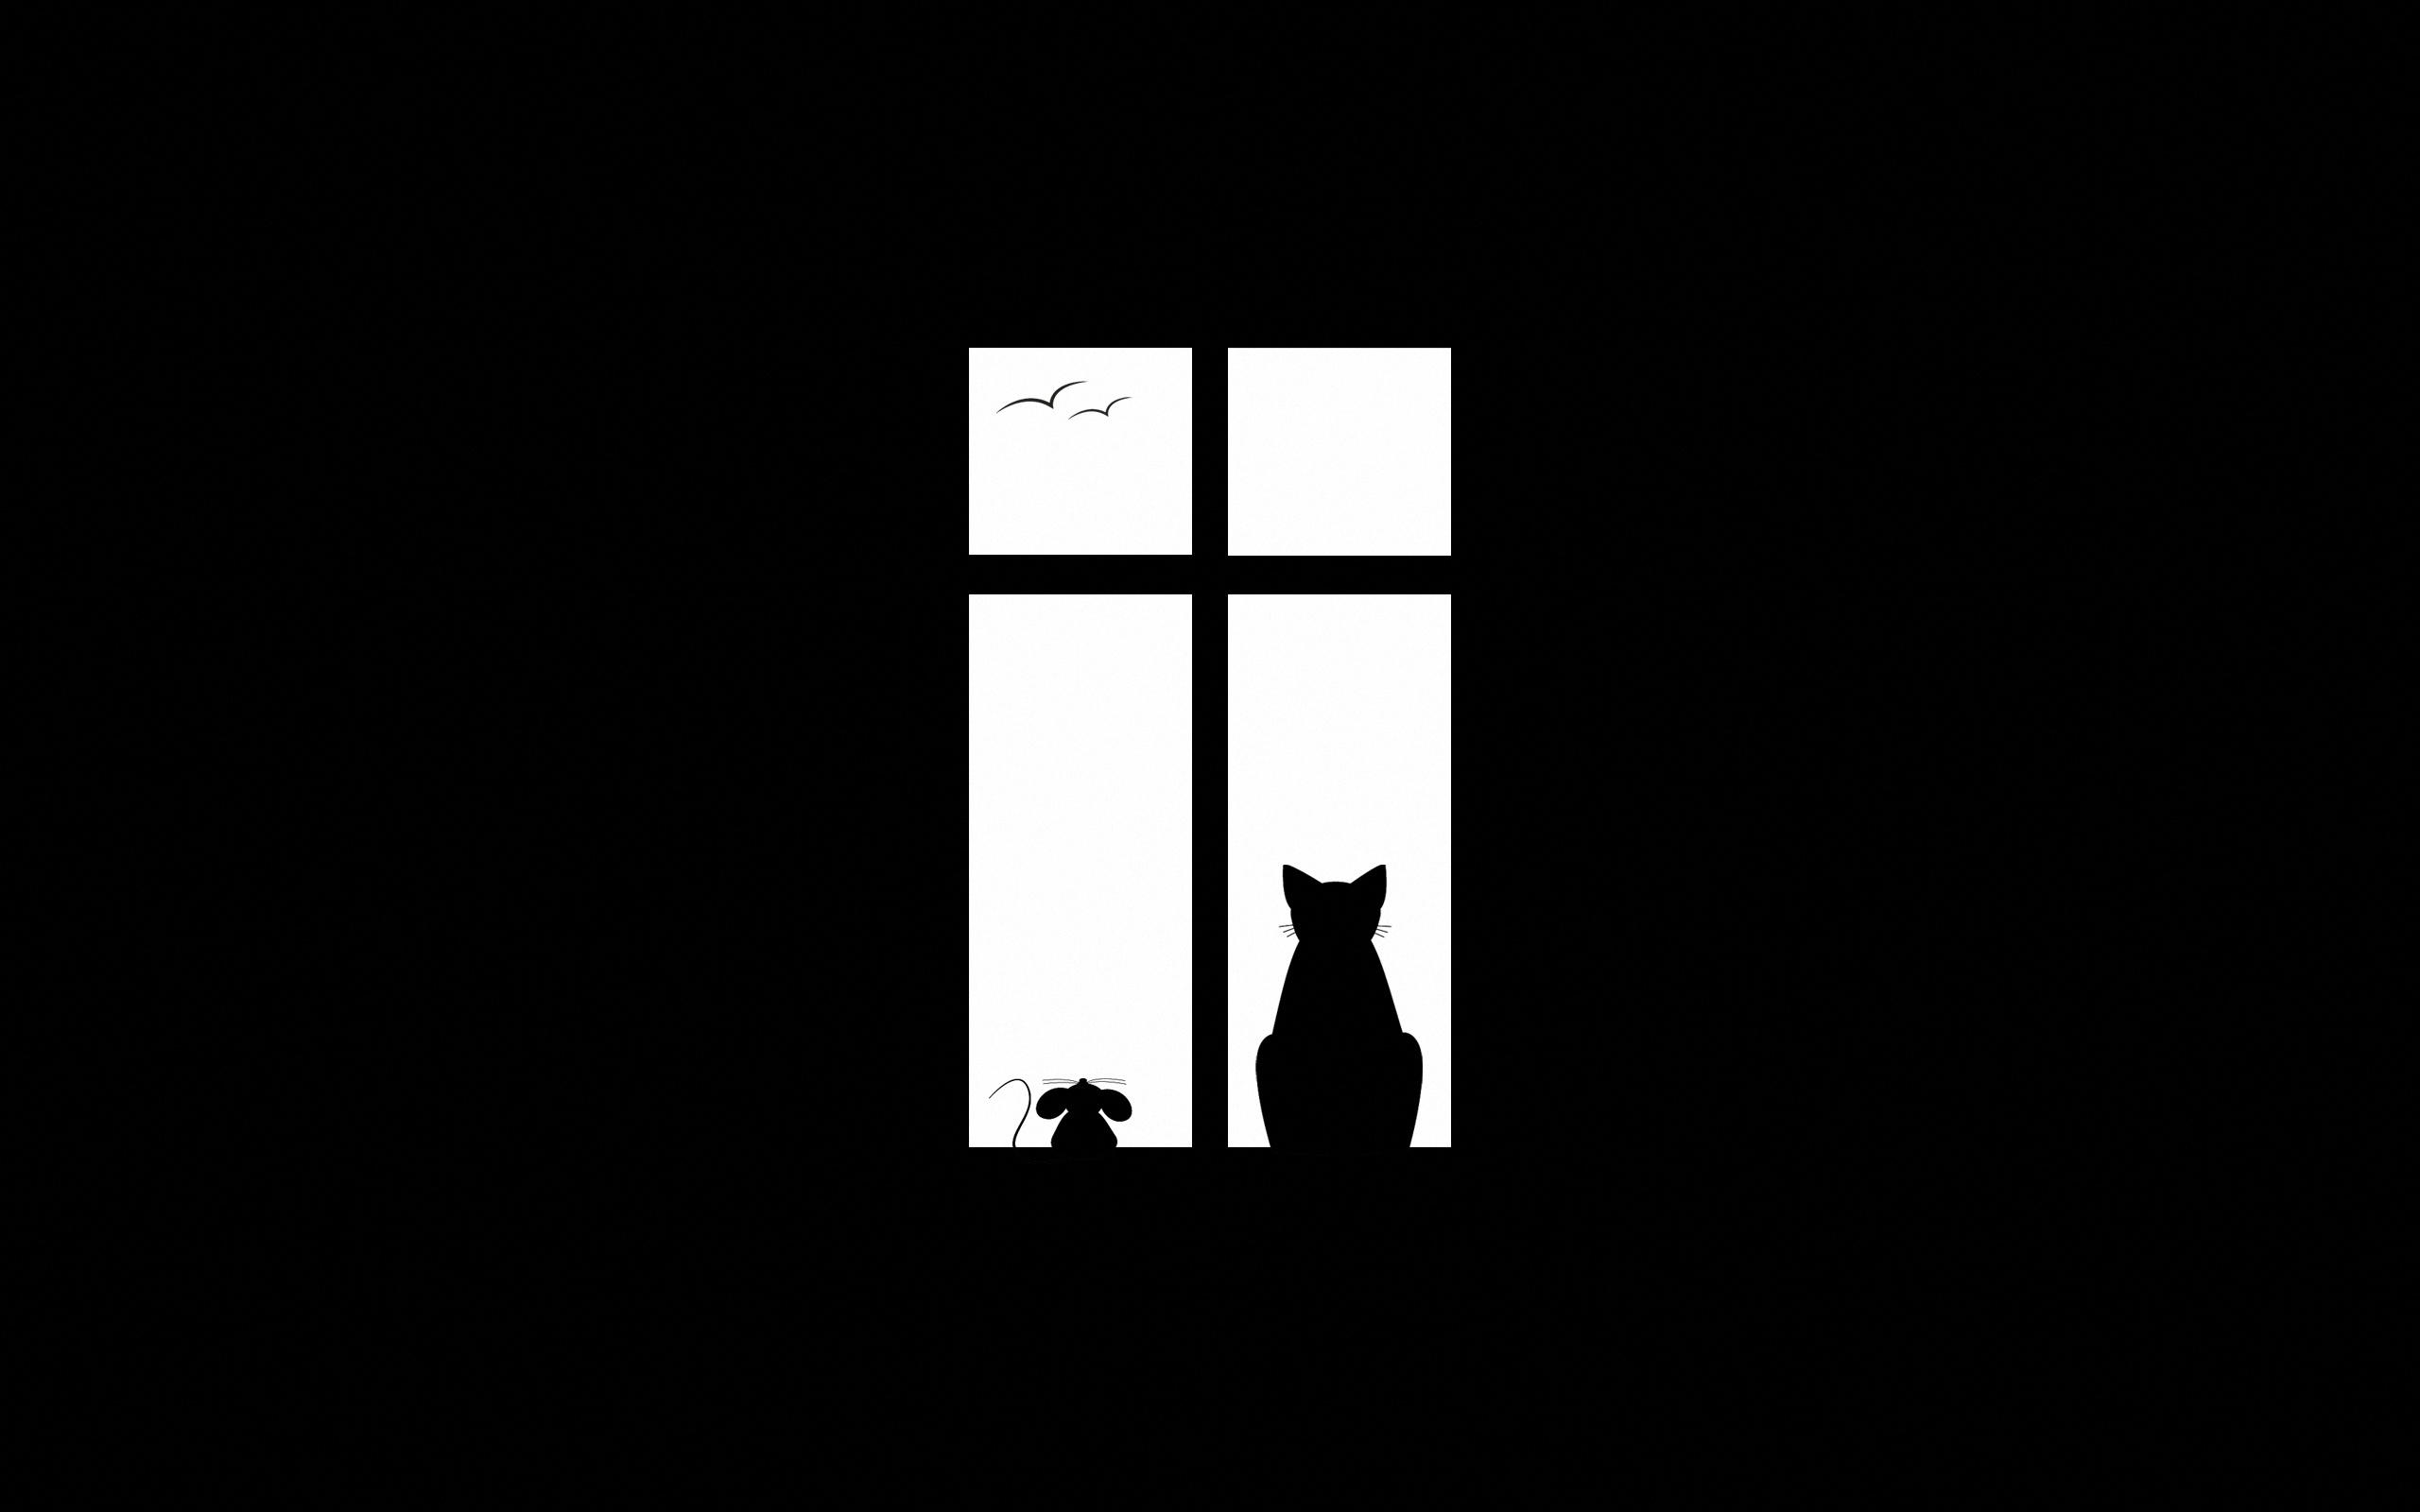 кот окно обои для рабочего стола № 570306  скачать